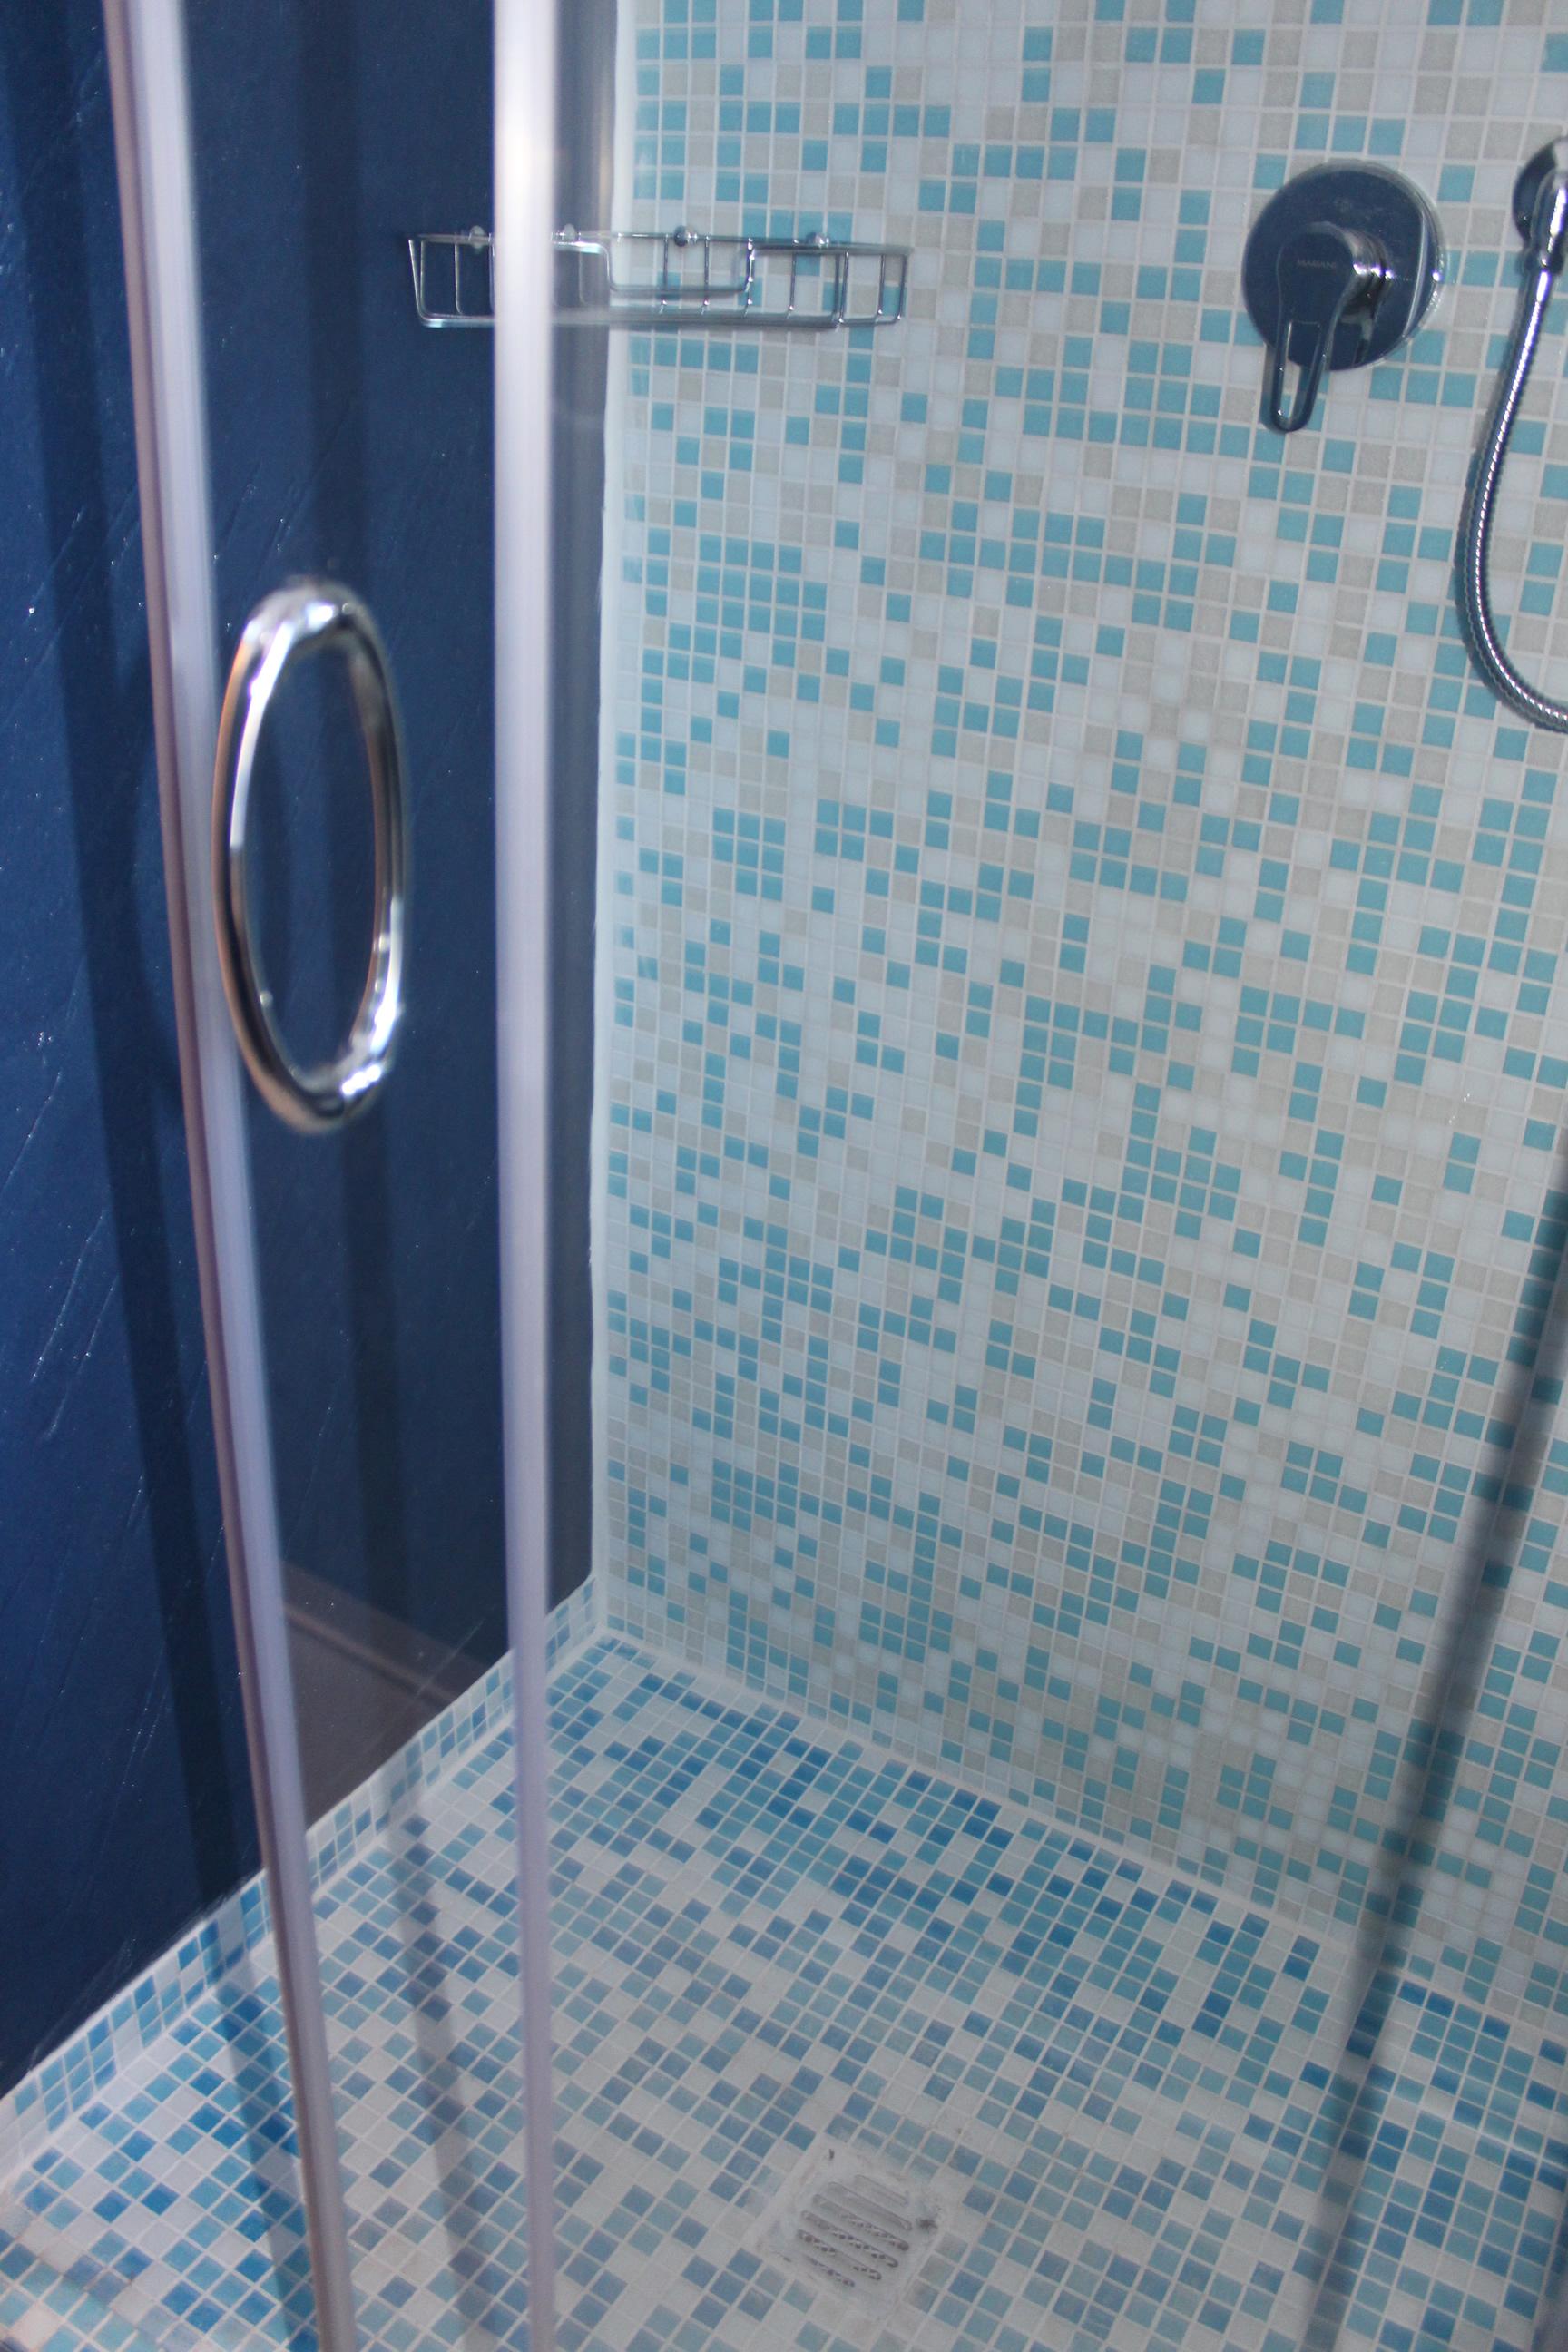 Camera blu (il riposo)